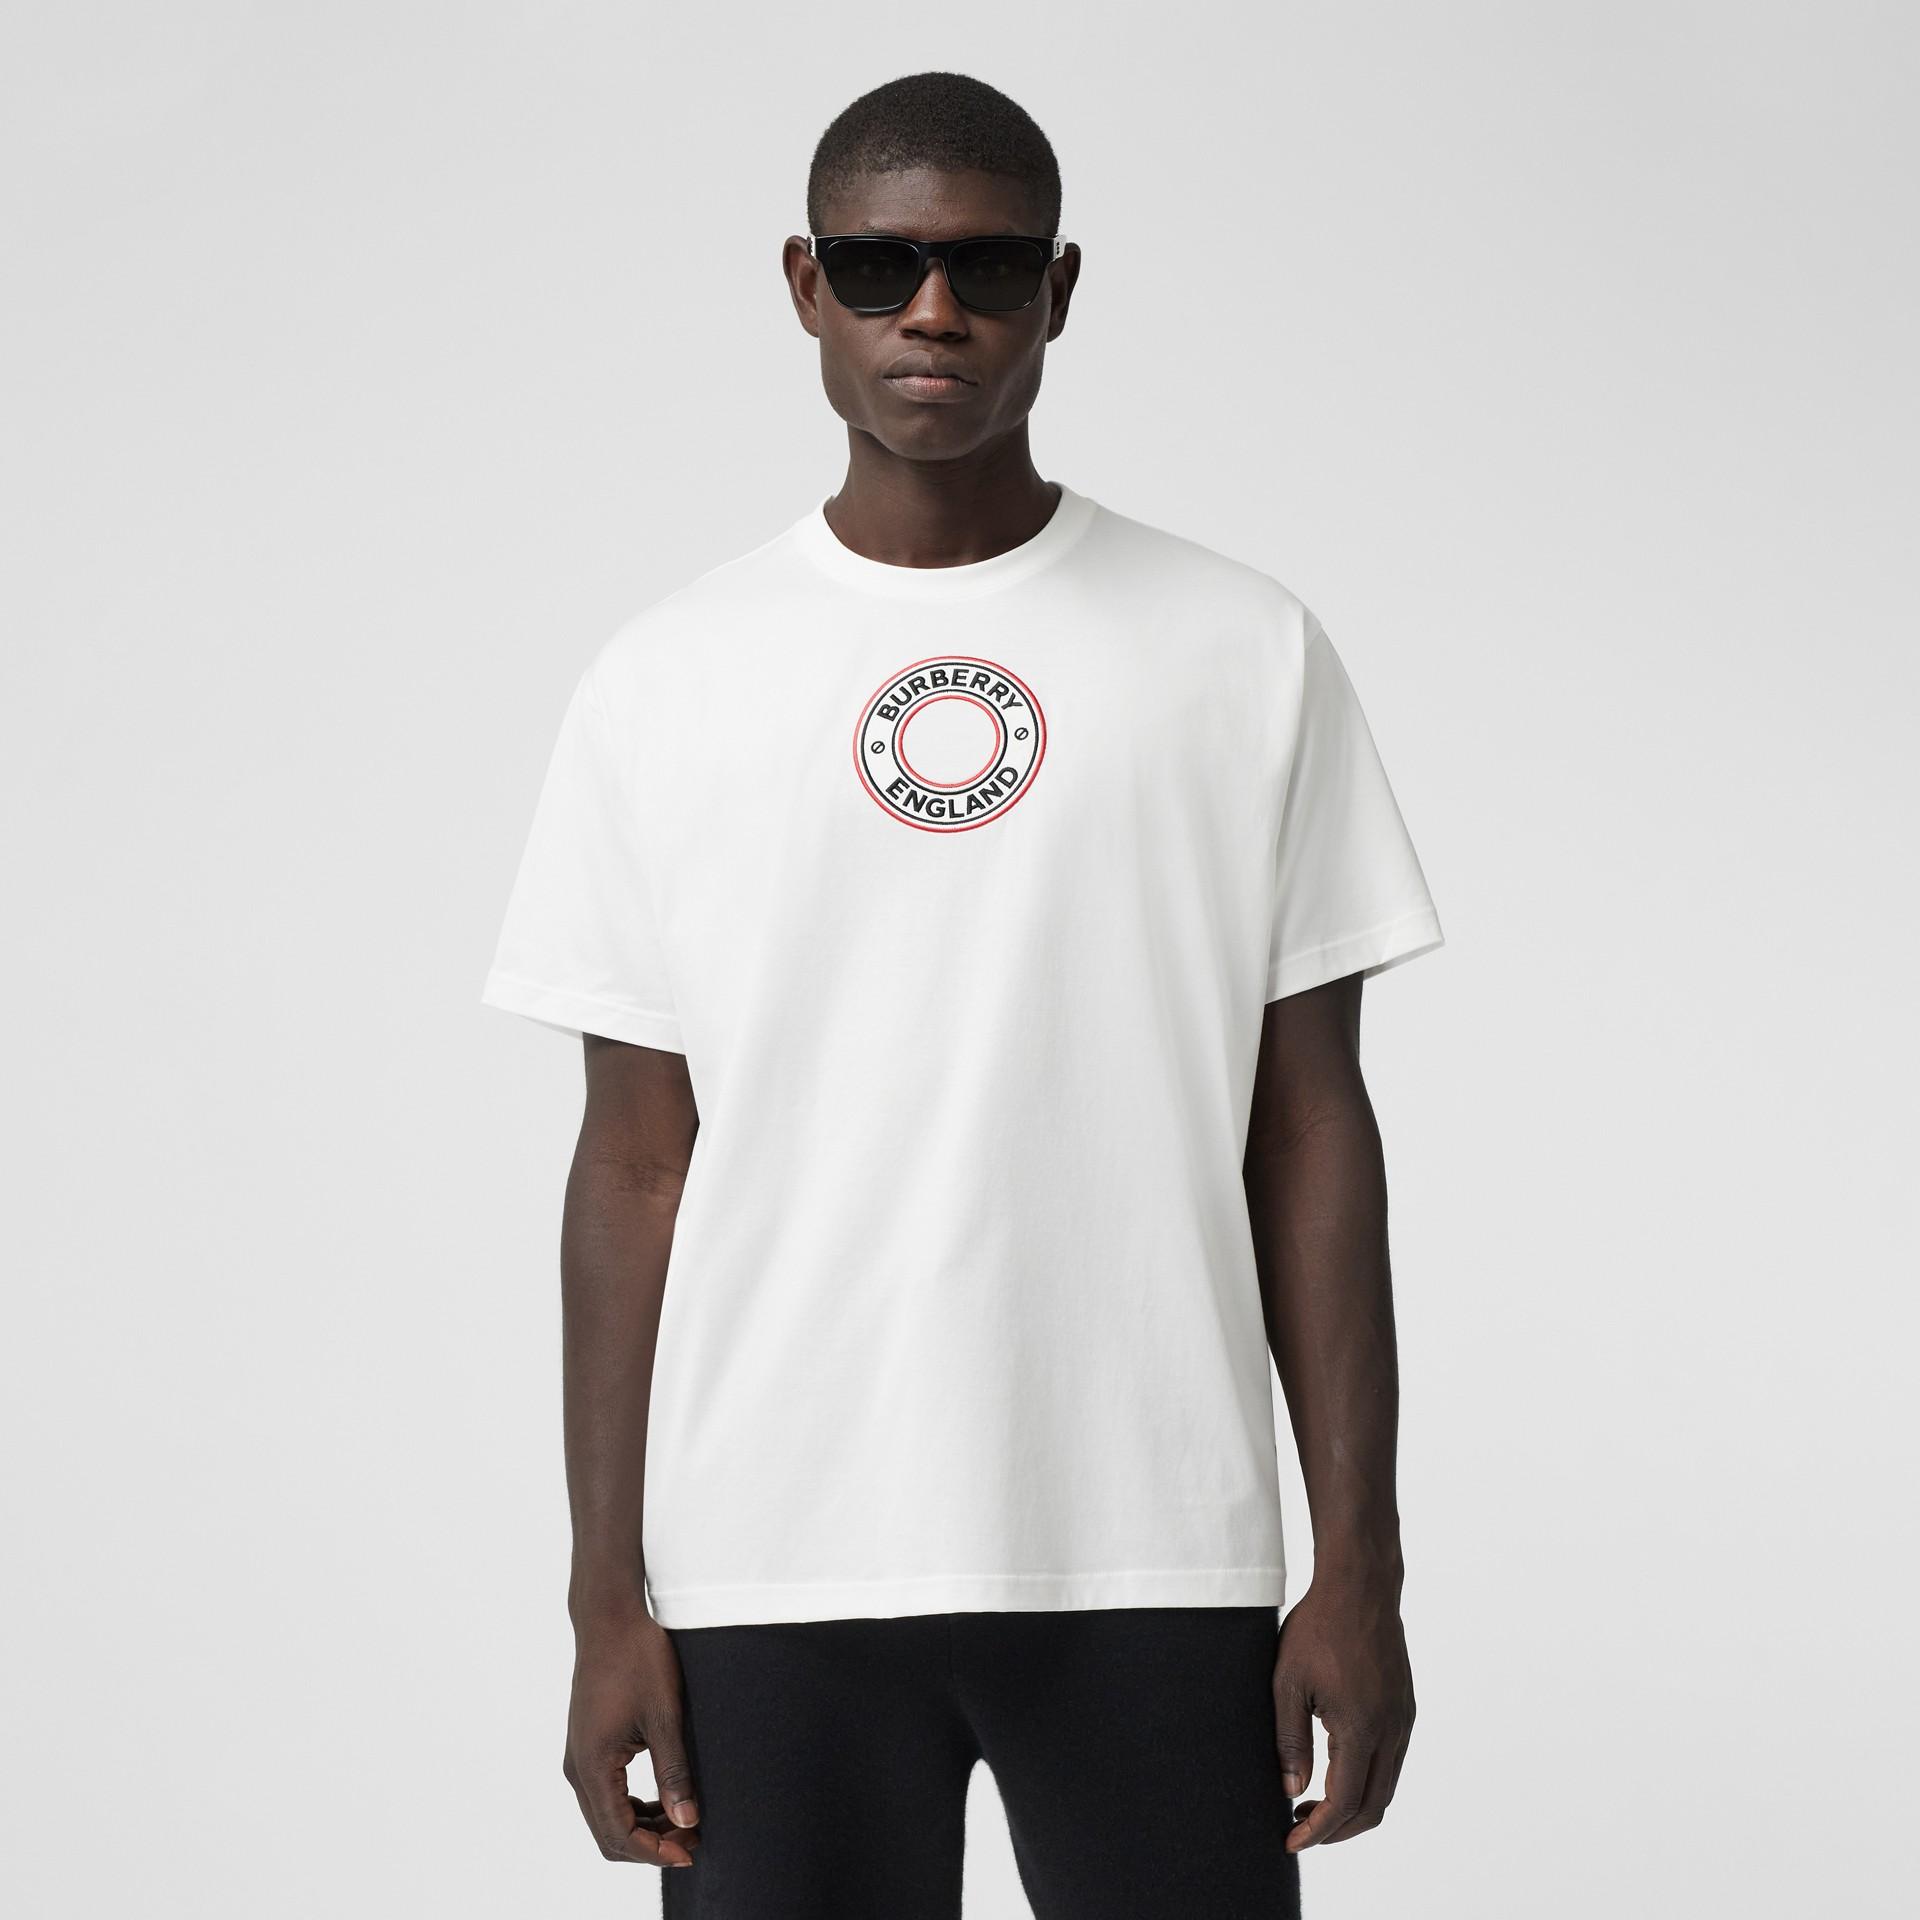 T-shirt oversize in cotone con applicazione con grafica e logo (Bianco) - Uomo | Burberry - immagine della galleria 0